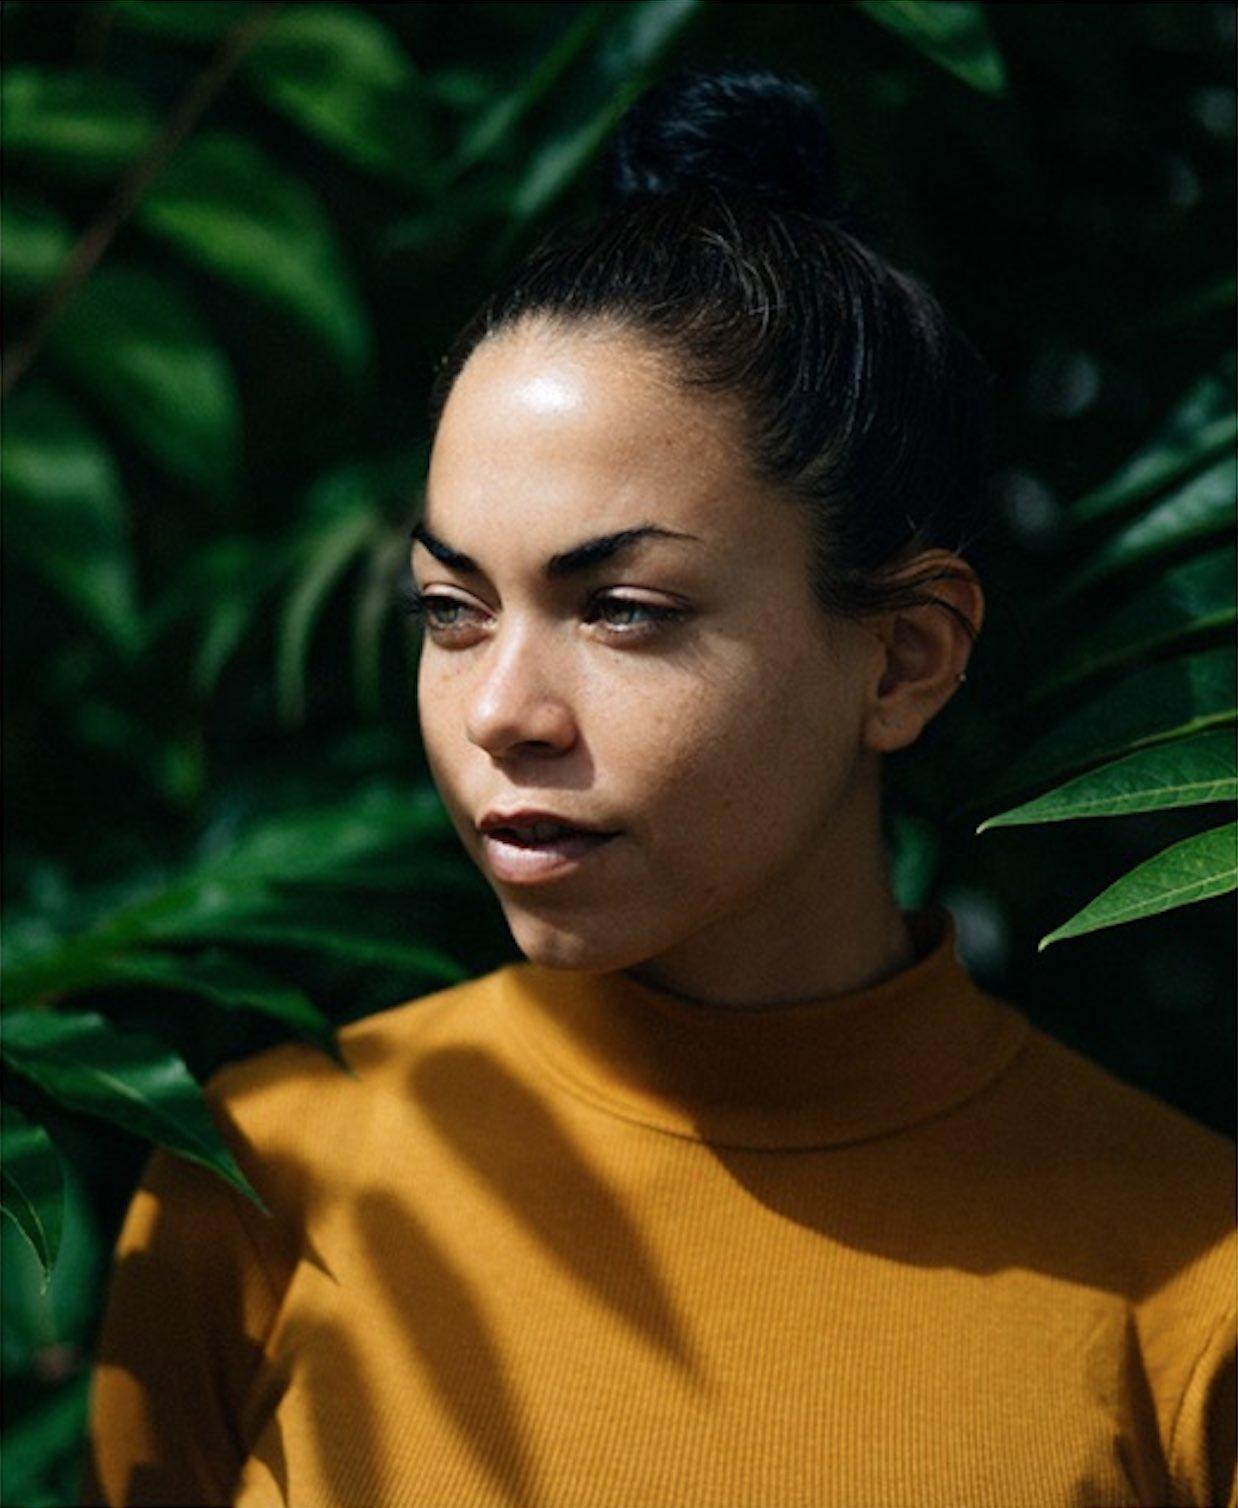 Sofia Moraes Portrait